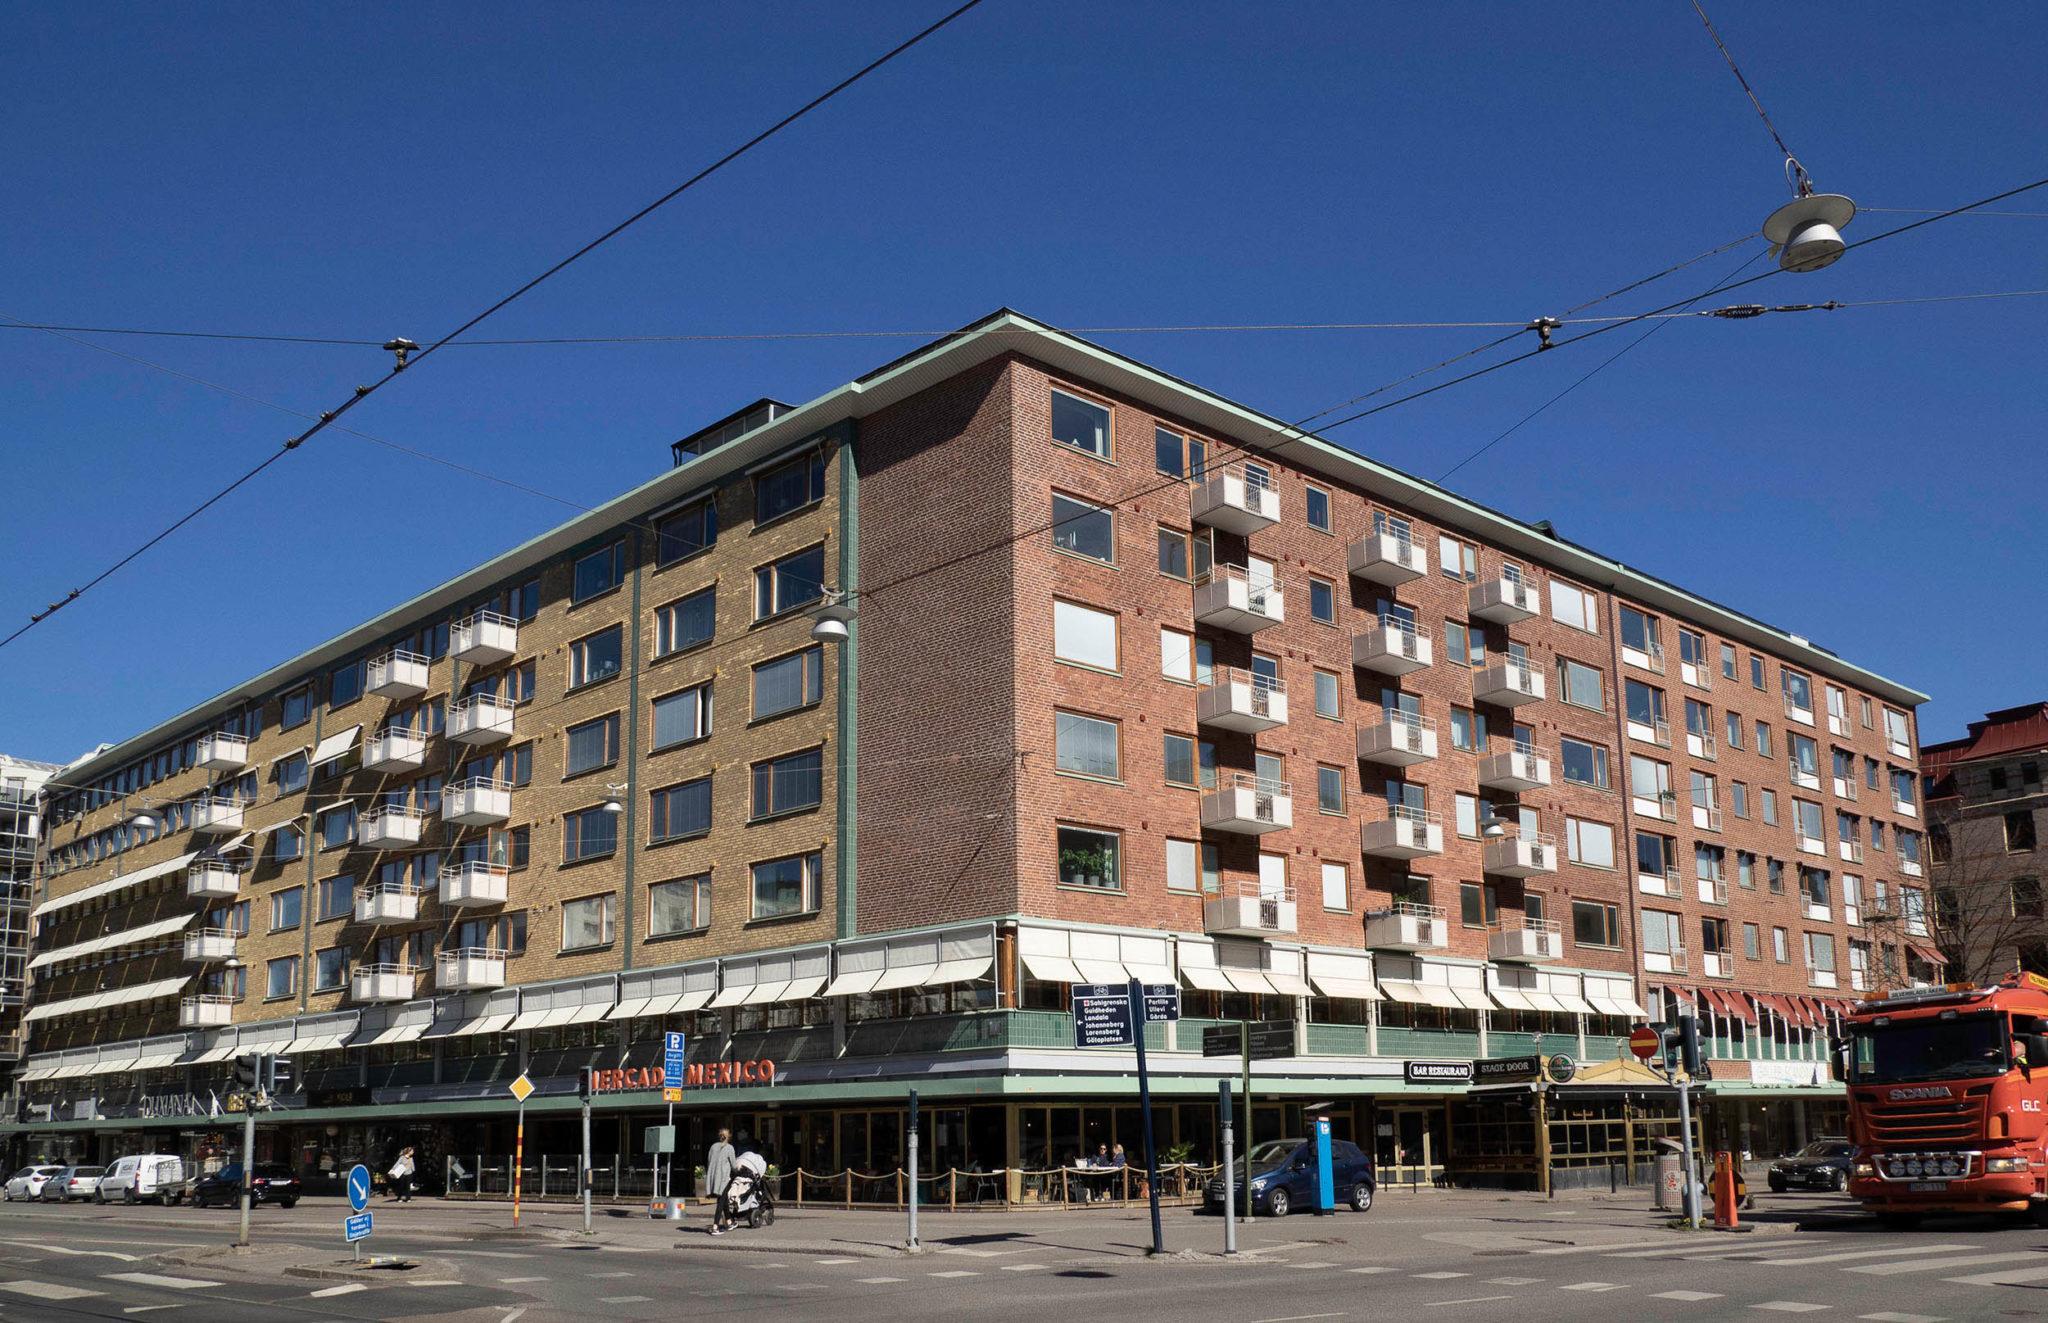 Fastighet i rött och gult tegel på hörnet av Berzeliigatan och Södra vägen, Göteborg.